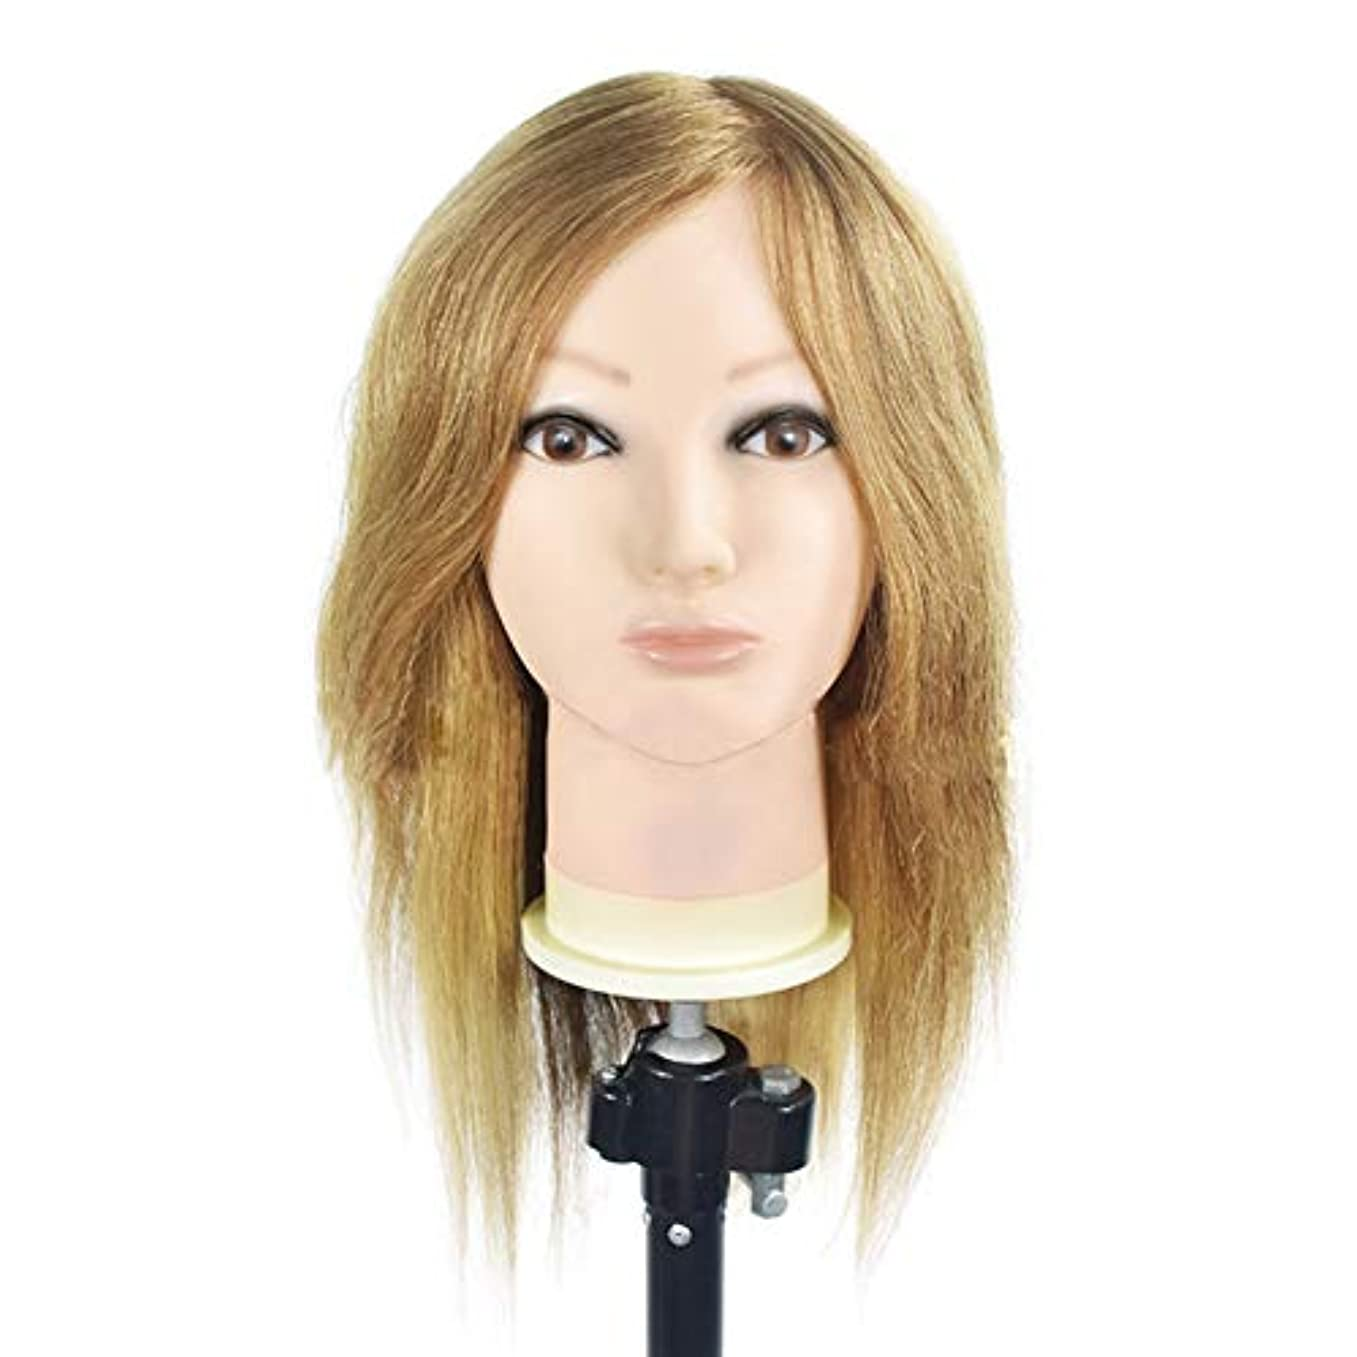 サロンヘアブレイディングヘアスタイルヘアスタイルヘアスタイルヘアスタイルヘアスタイルヘアスタイル